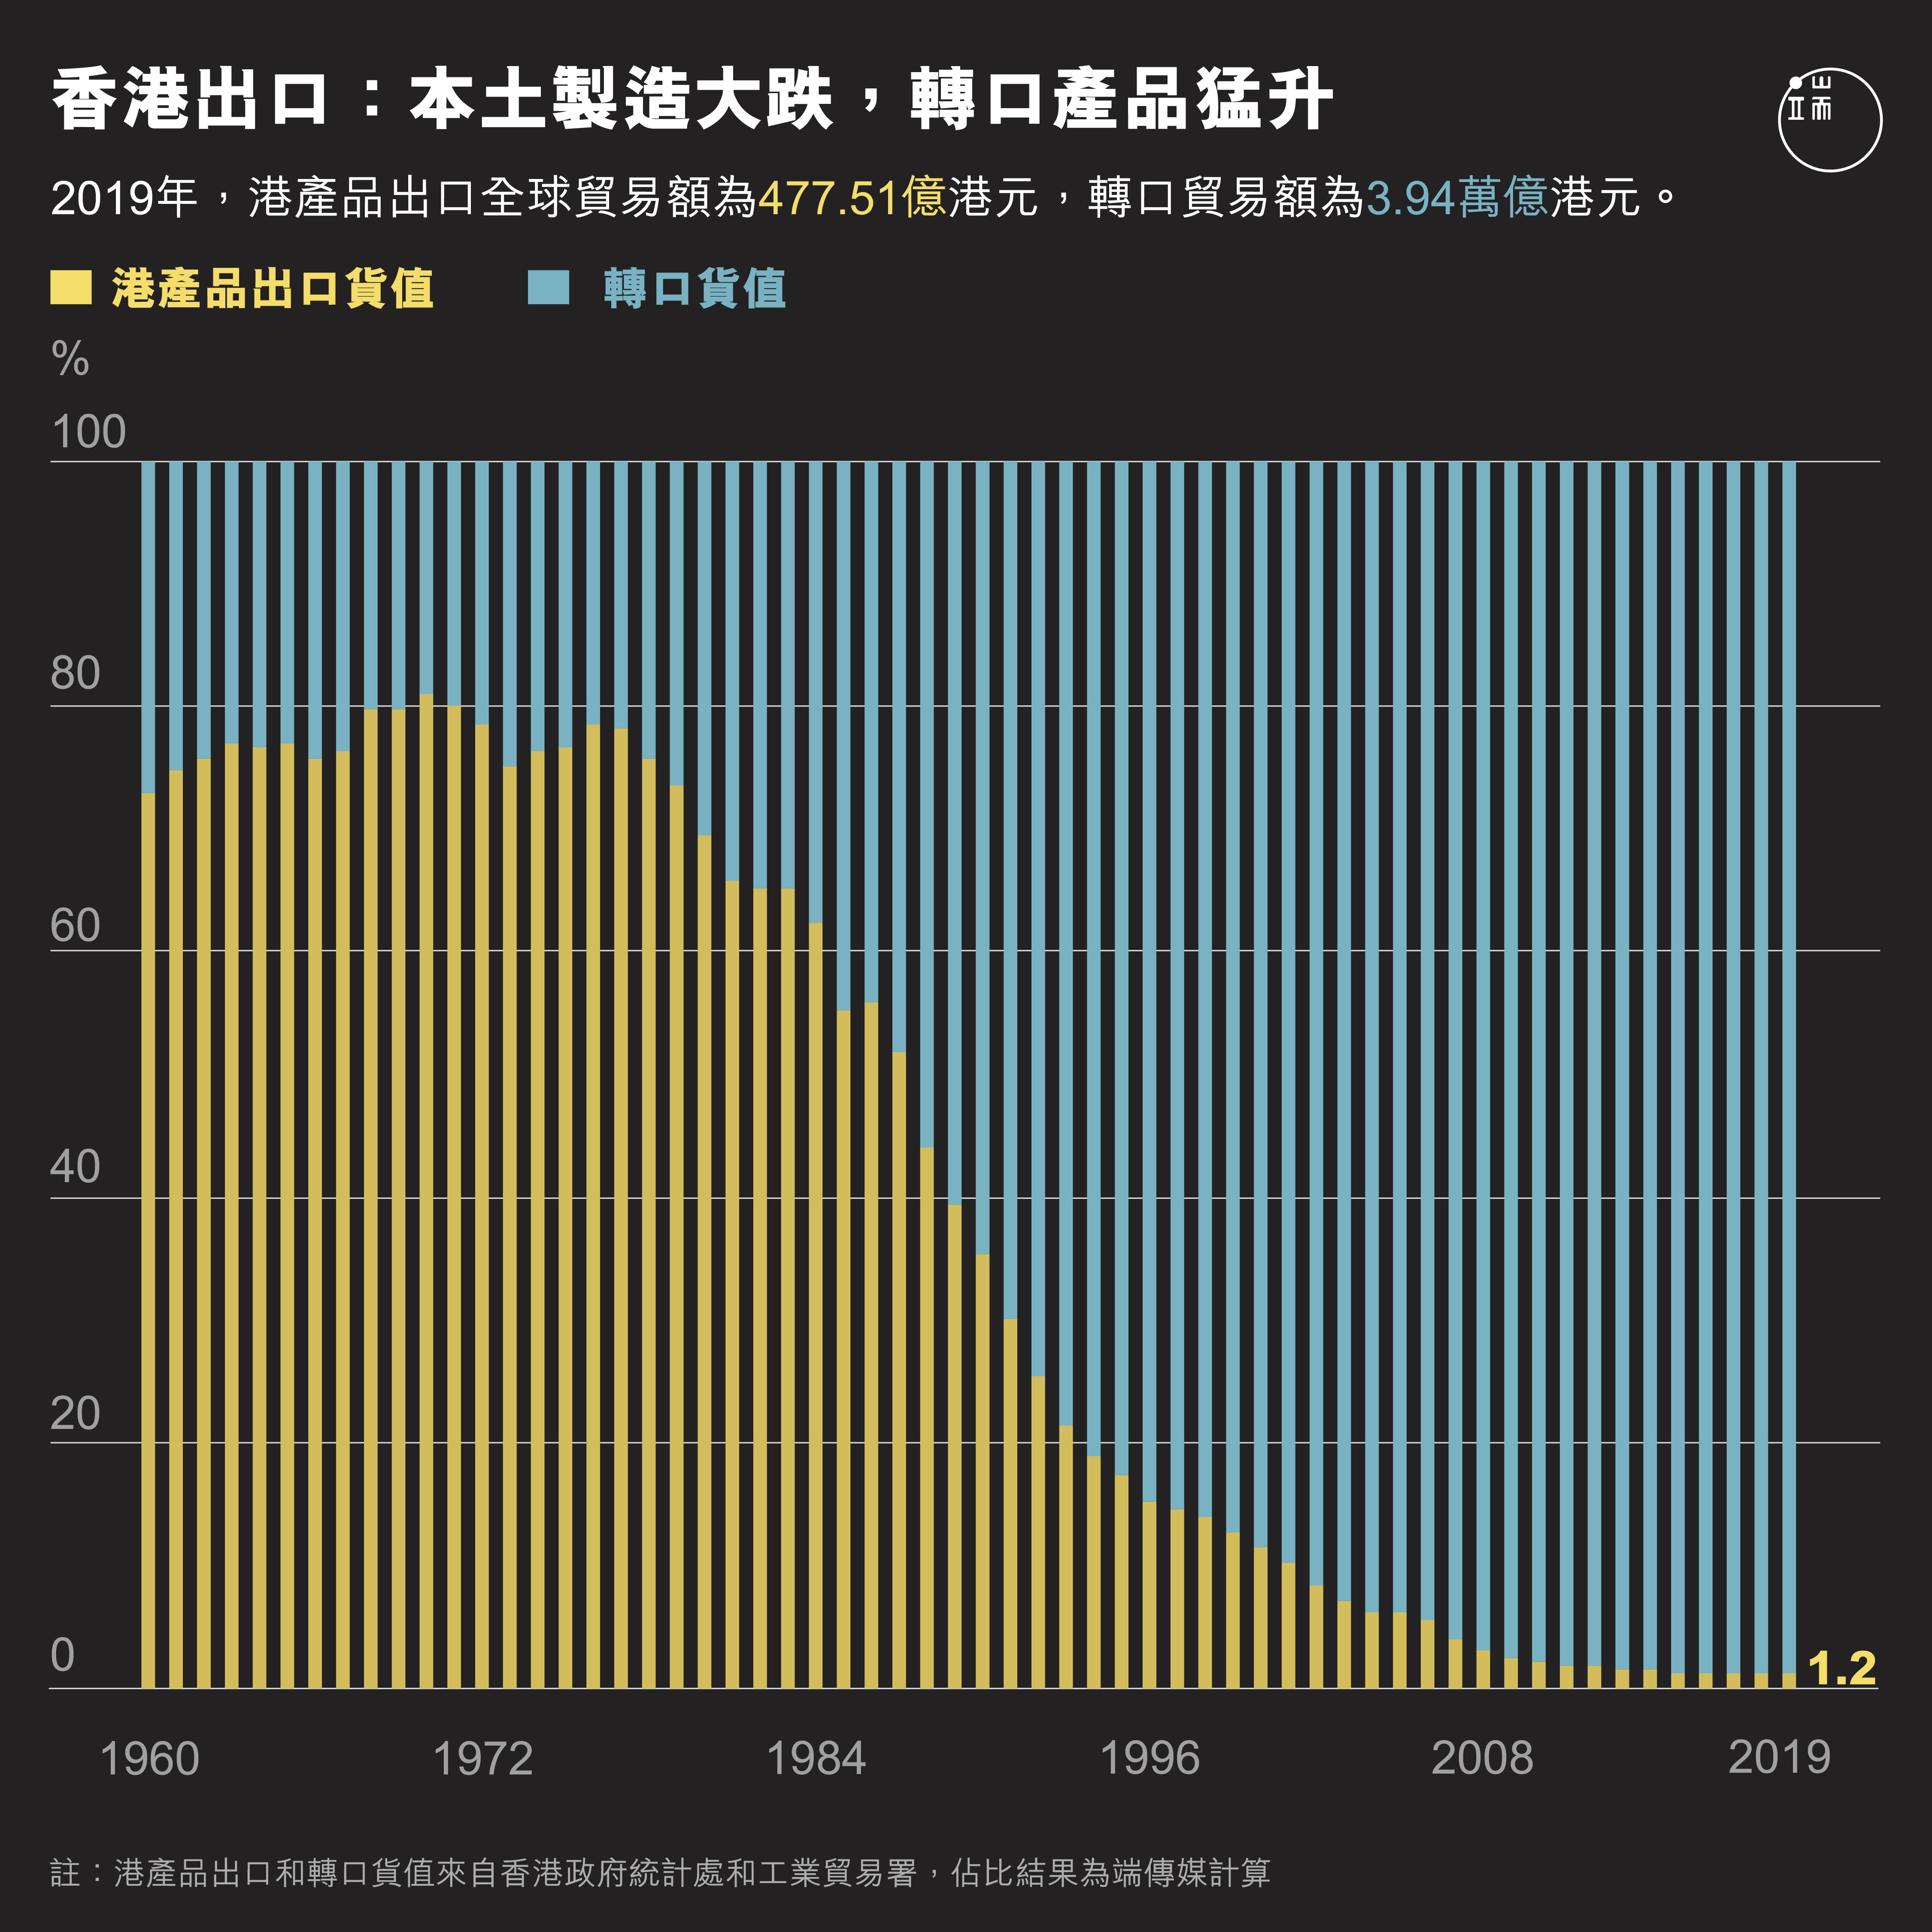 本土製造大跌,轉口產品猛升。